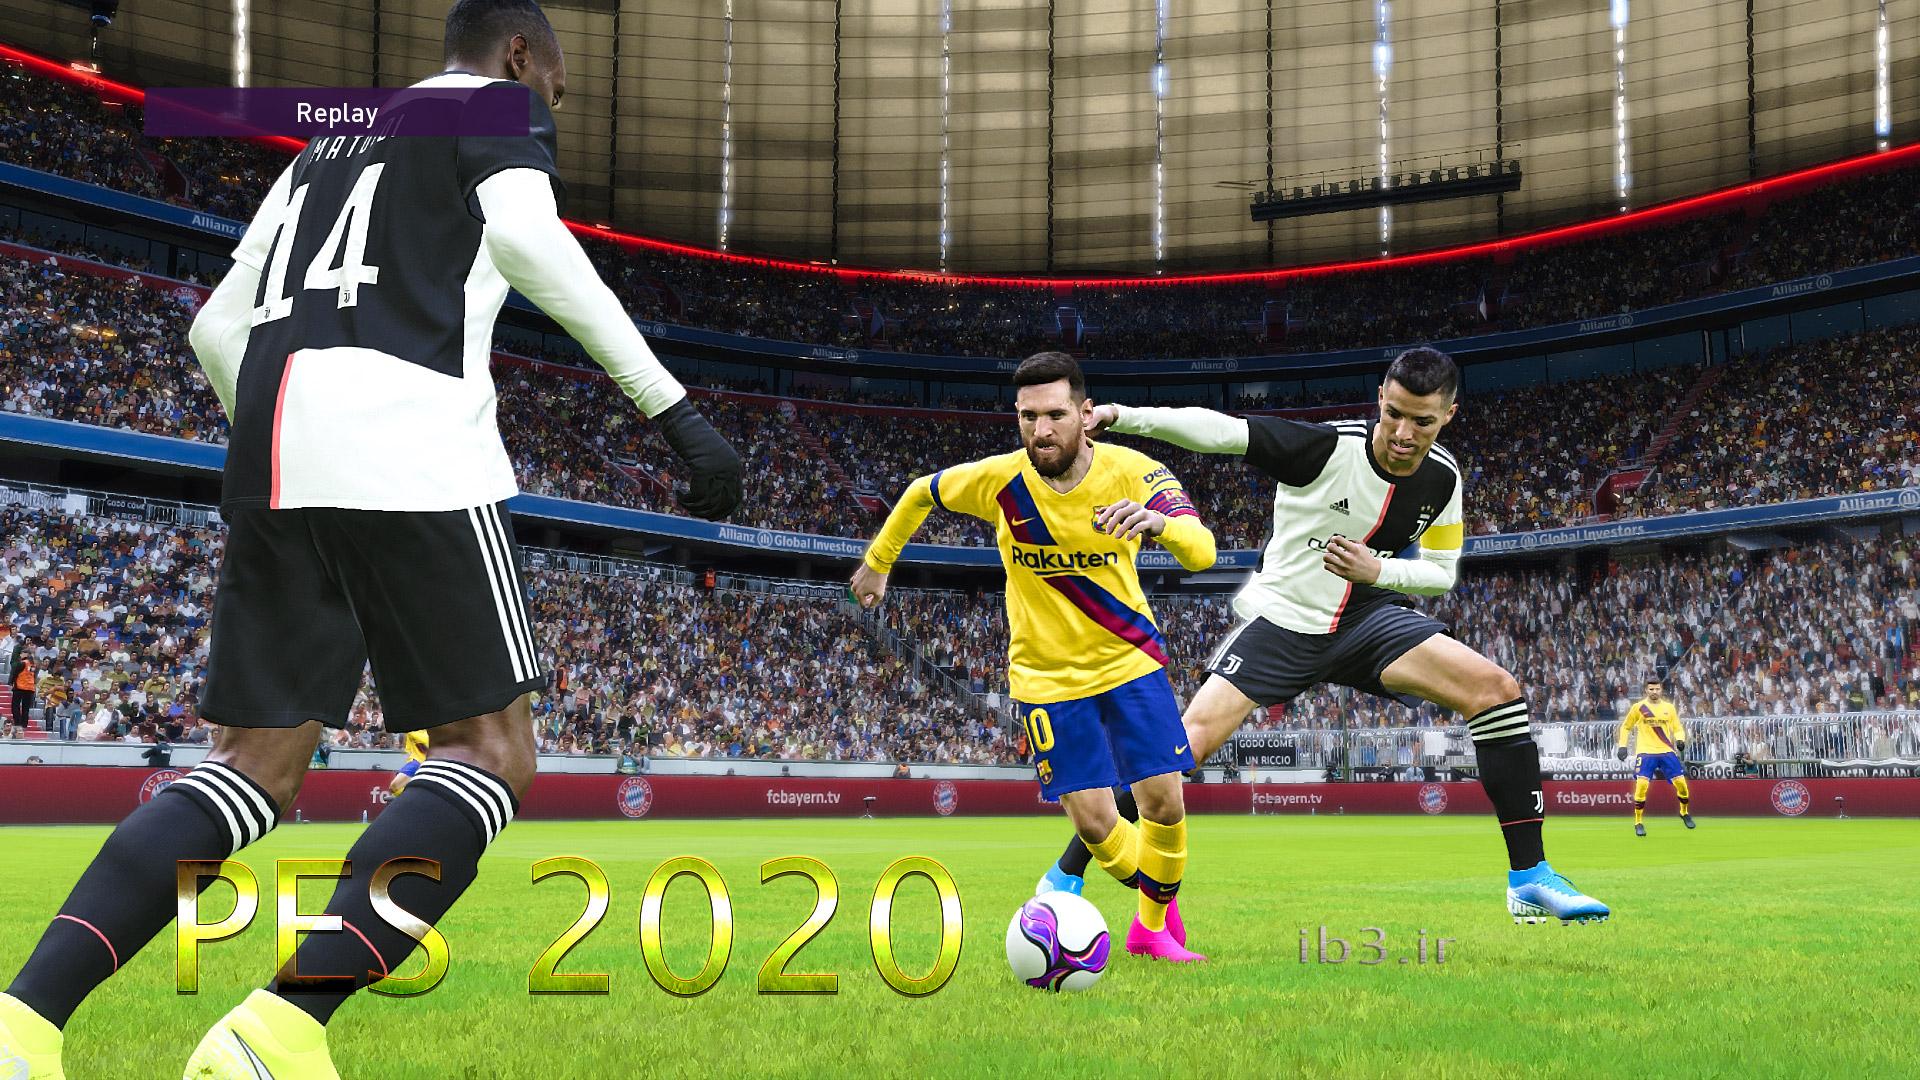 معرفی جدیدترین نسخه بازی فوتبال کامپیوتری pes2020